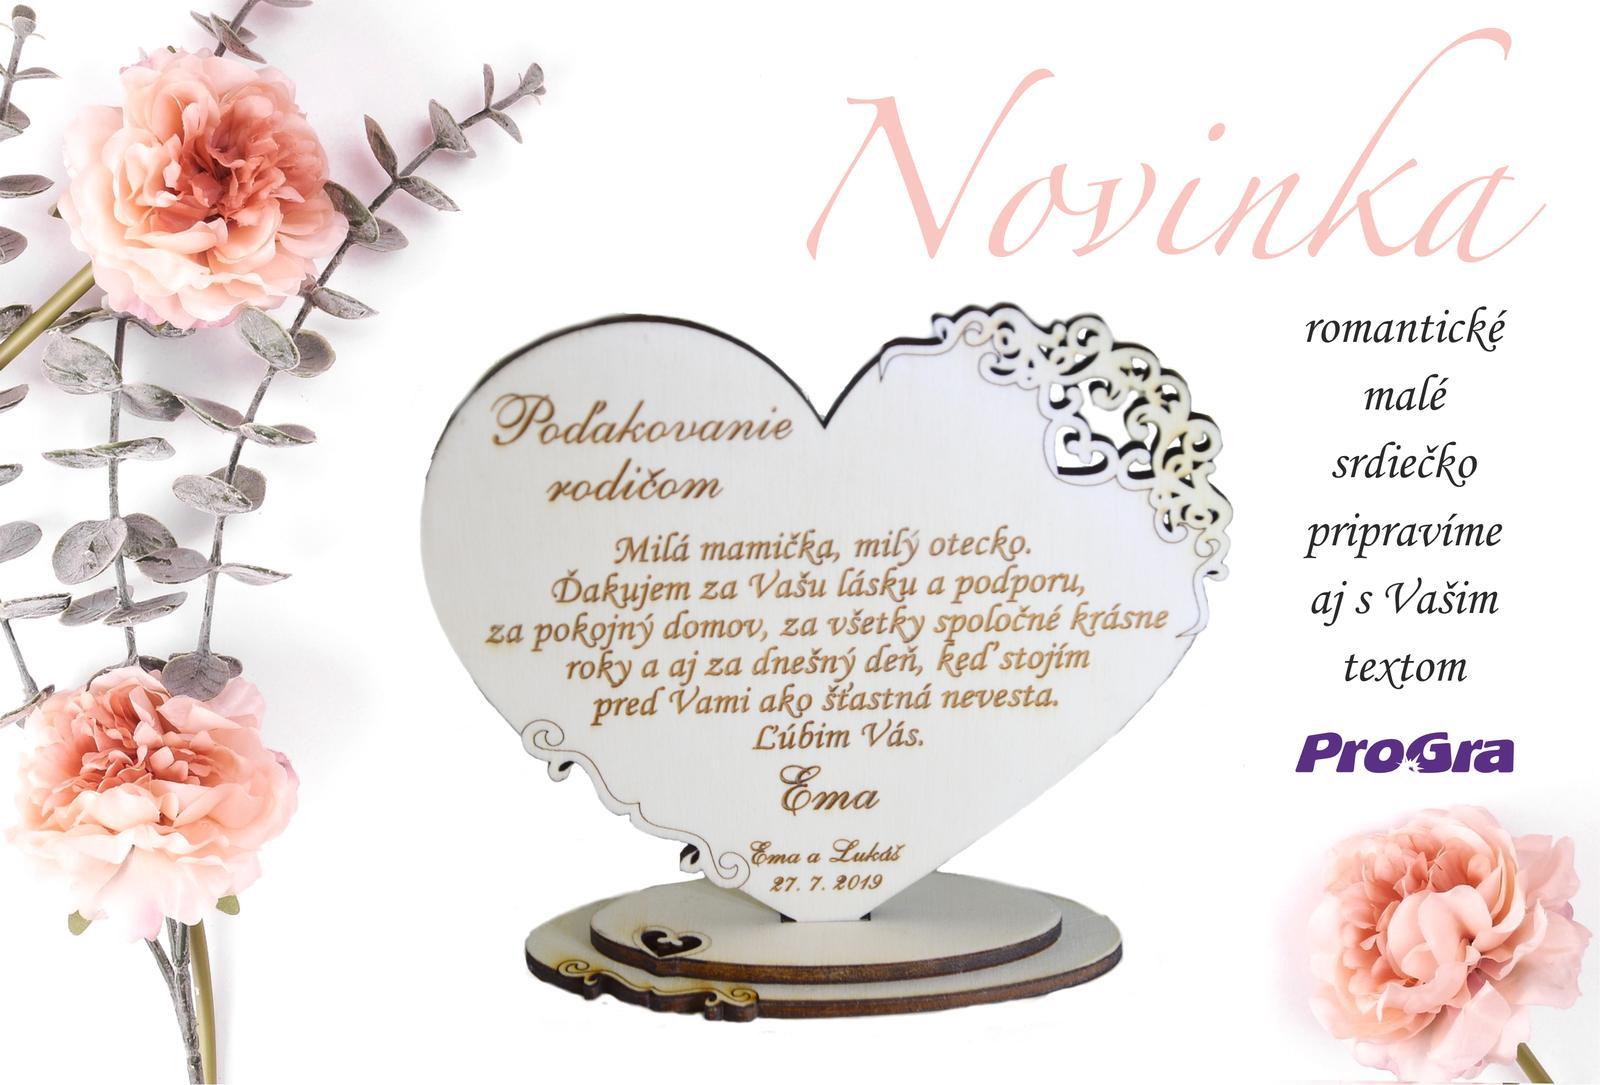 Poděkování rodičům - Malý milý krásný a osobní dárek pro svatební rodiče